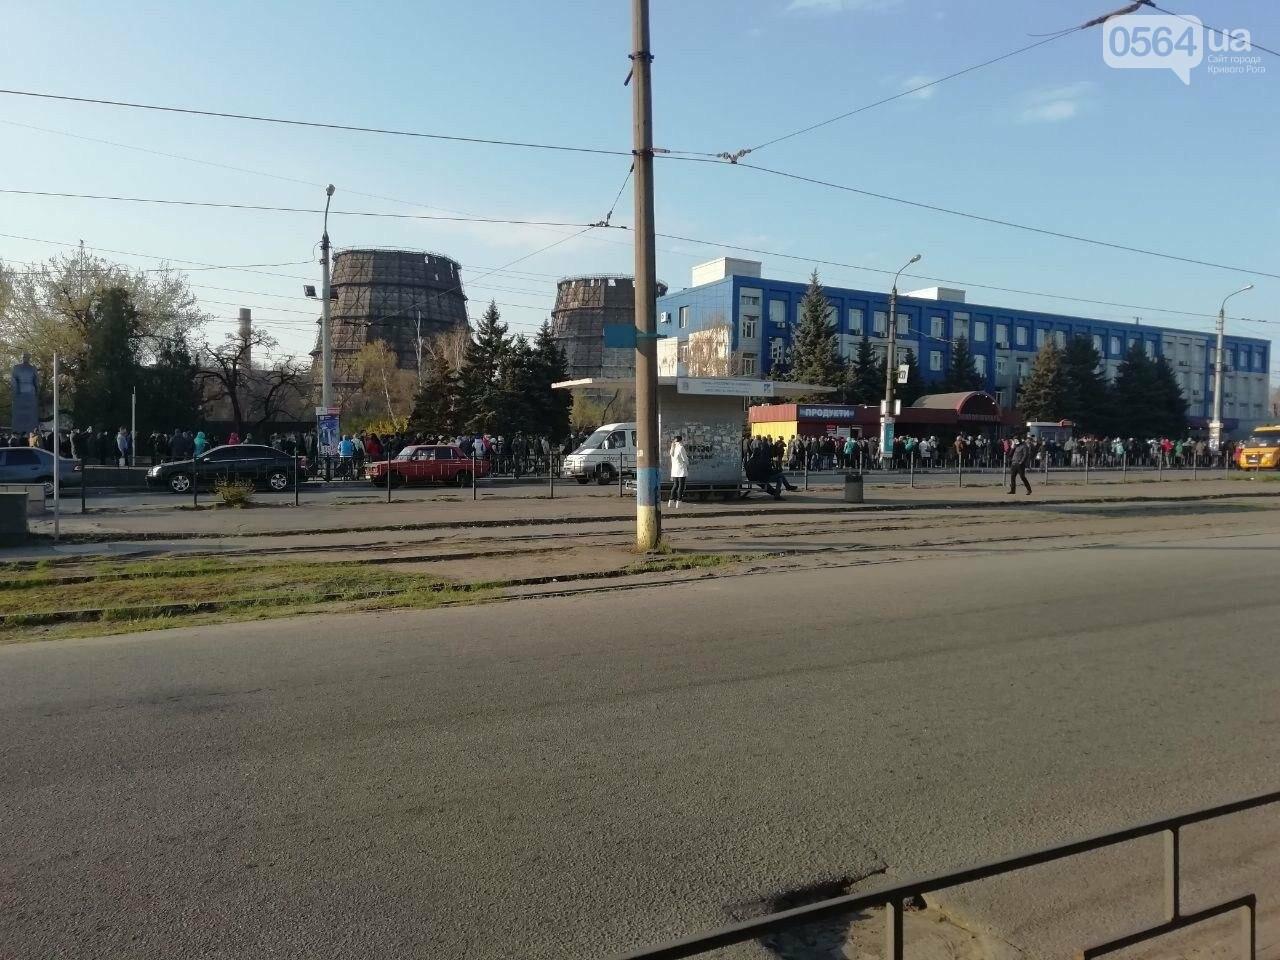 """""""Конца и края не видно"""": тысячи криворожан стоят в очереди за спецпропуском для проезда в общественном транспорте, - ФОТО, ВИДЕО , фото-6"""